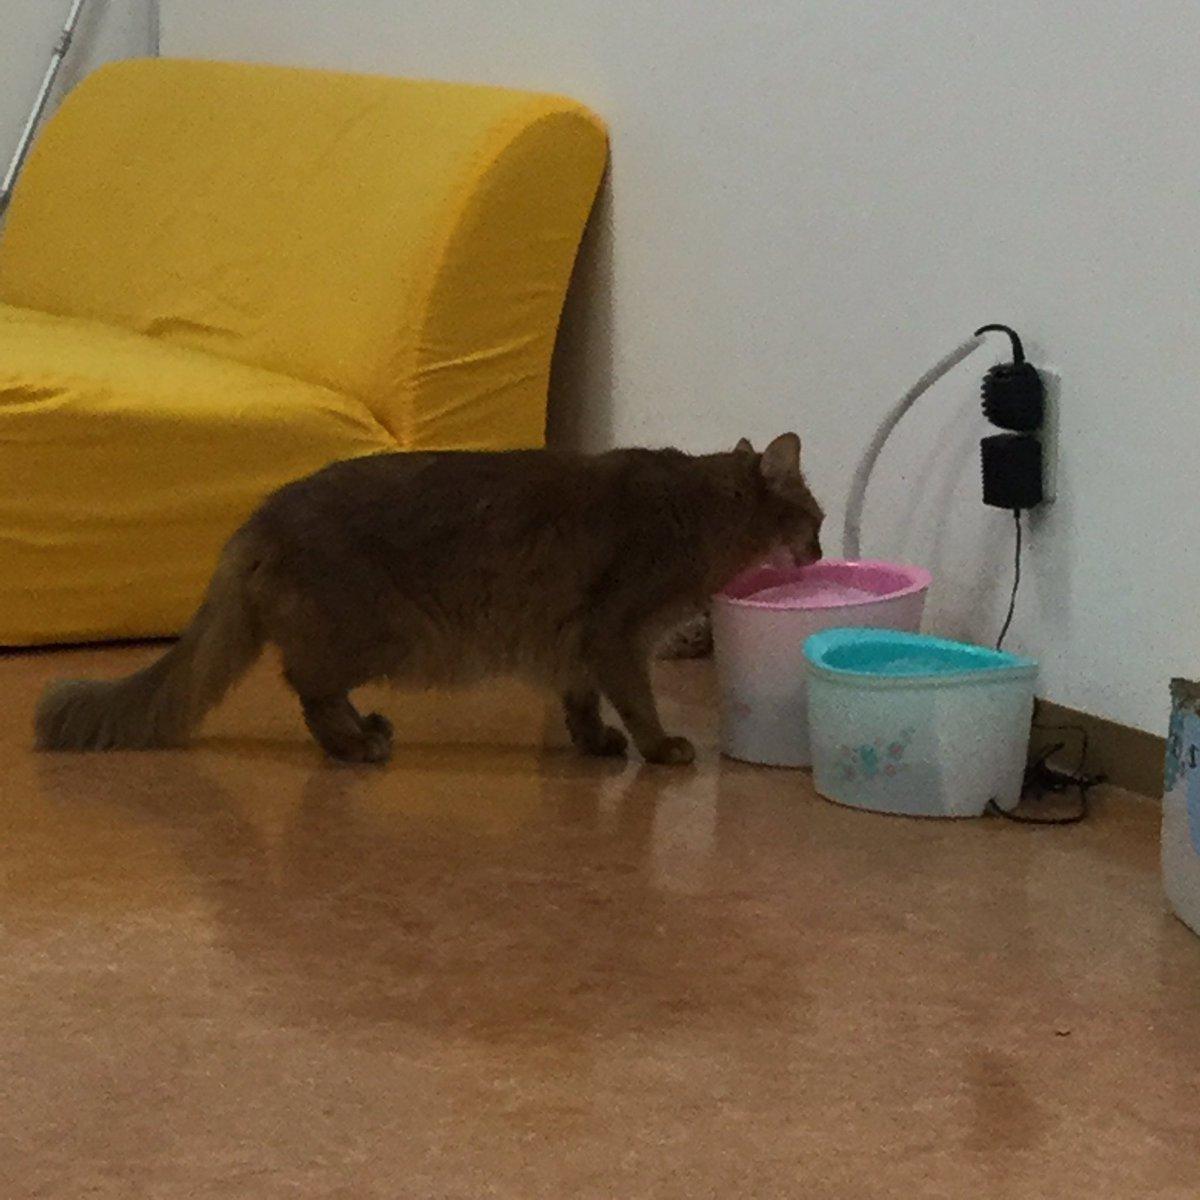 入室30分ですでに4回猫部屋から脱走しているきなこ氏。相棒のハヤテがいなくて寂しいのか?#トモカフェ